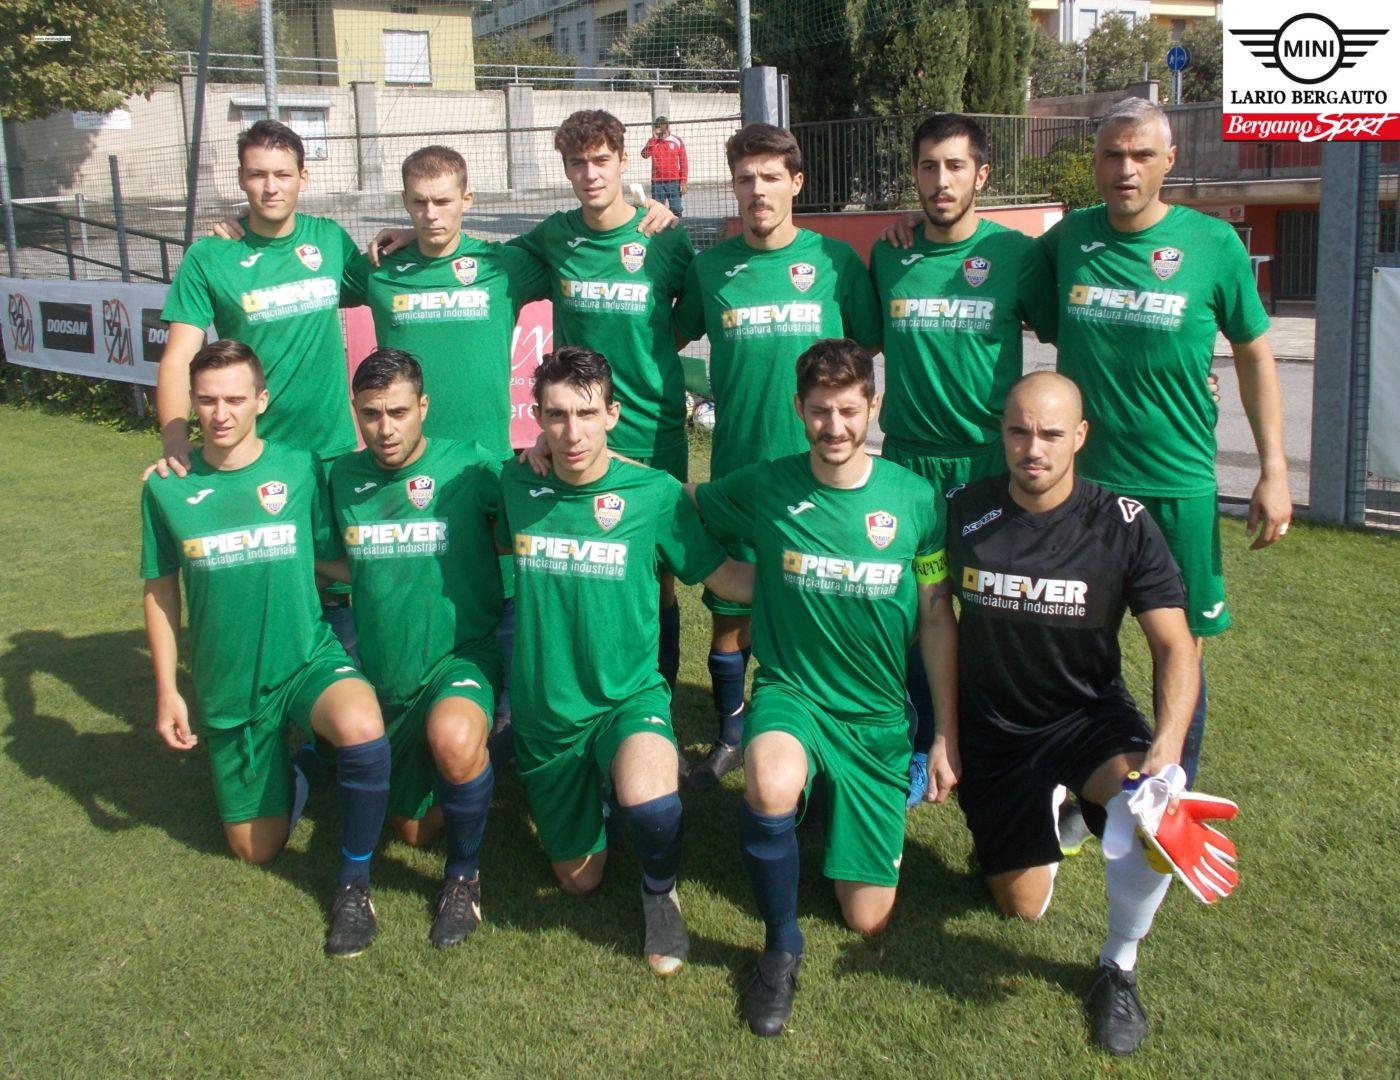 Coppe dilettanti, avanti Amici Mozzo, Aurora Seriate, Albano e Ares Redona - Bergamo & Sport